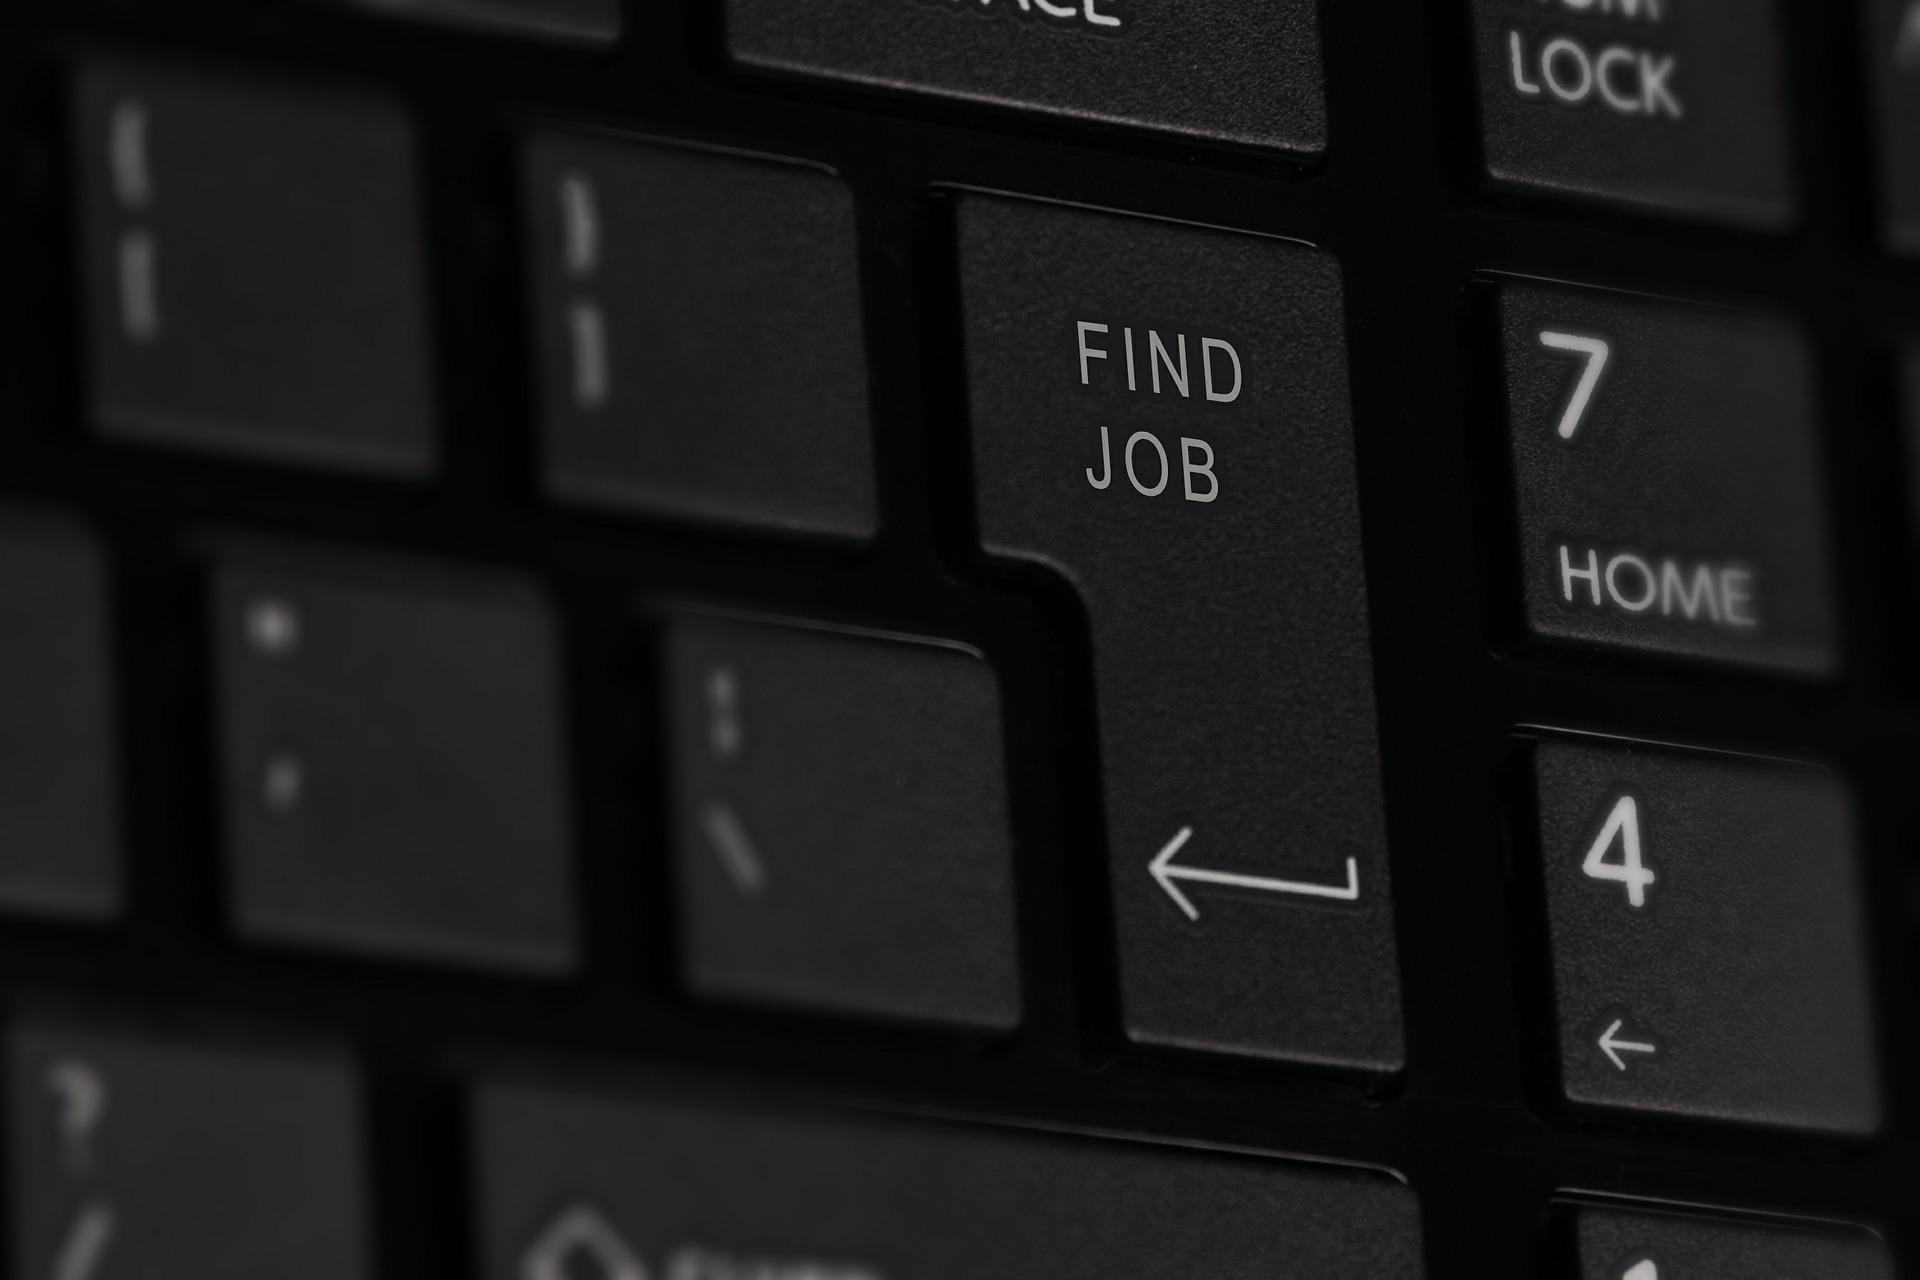 Szczeble znalezienia pracy poprzez agencję